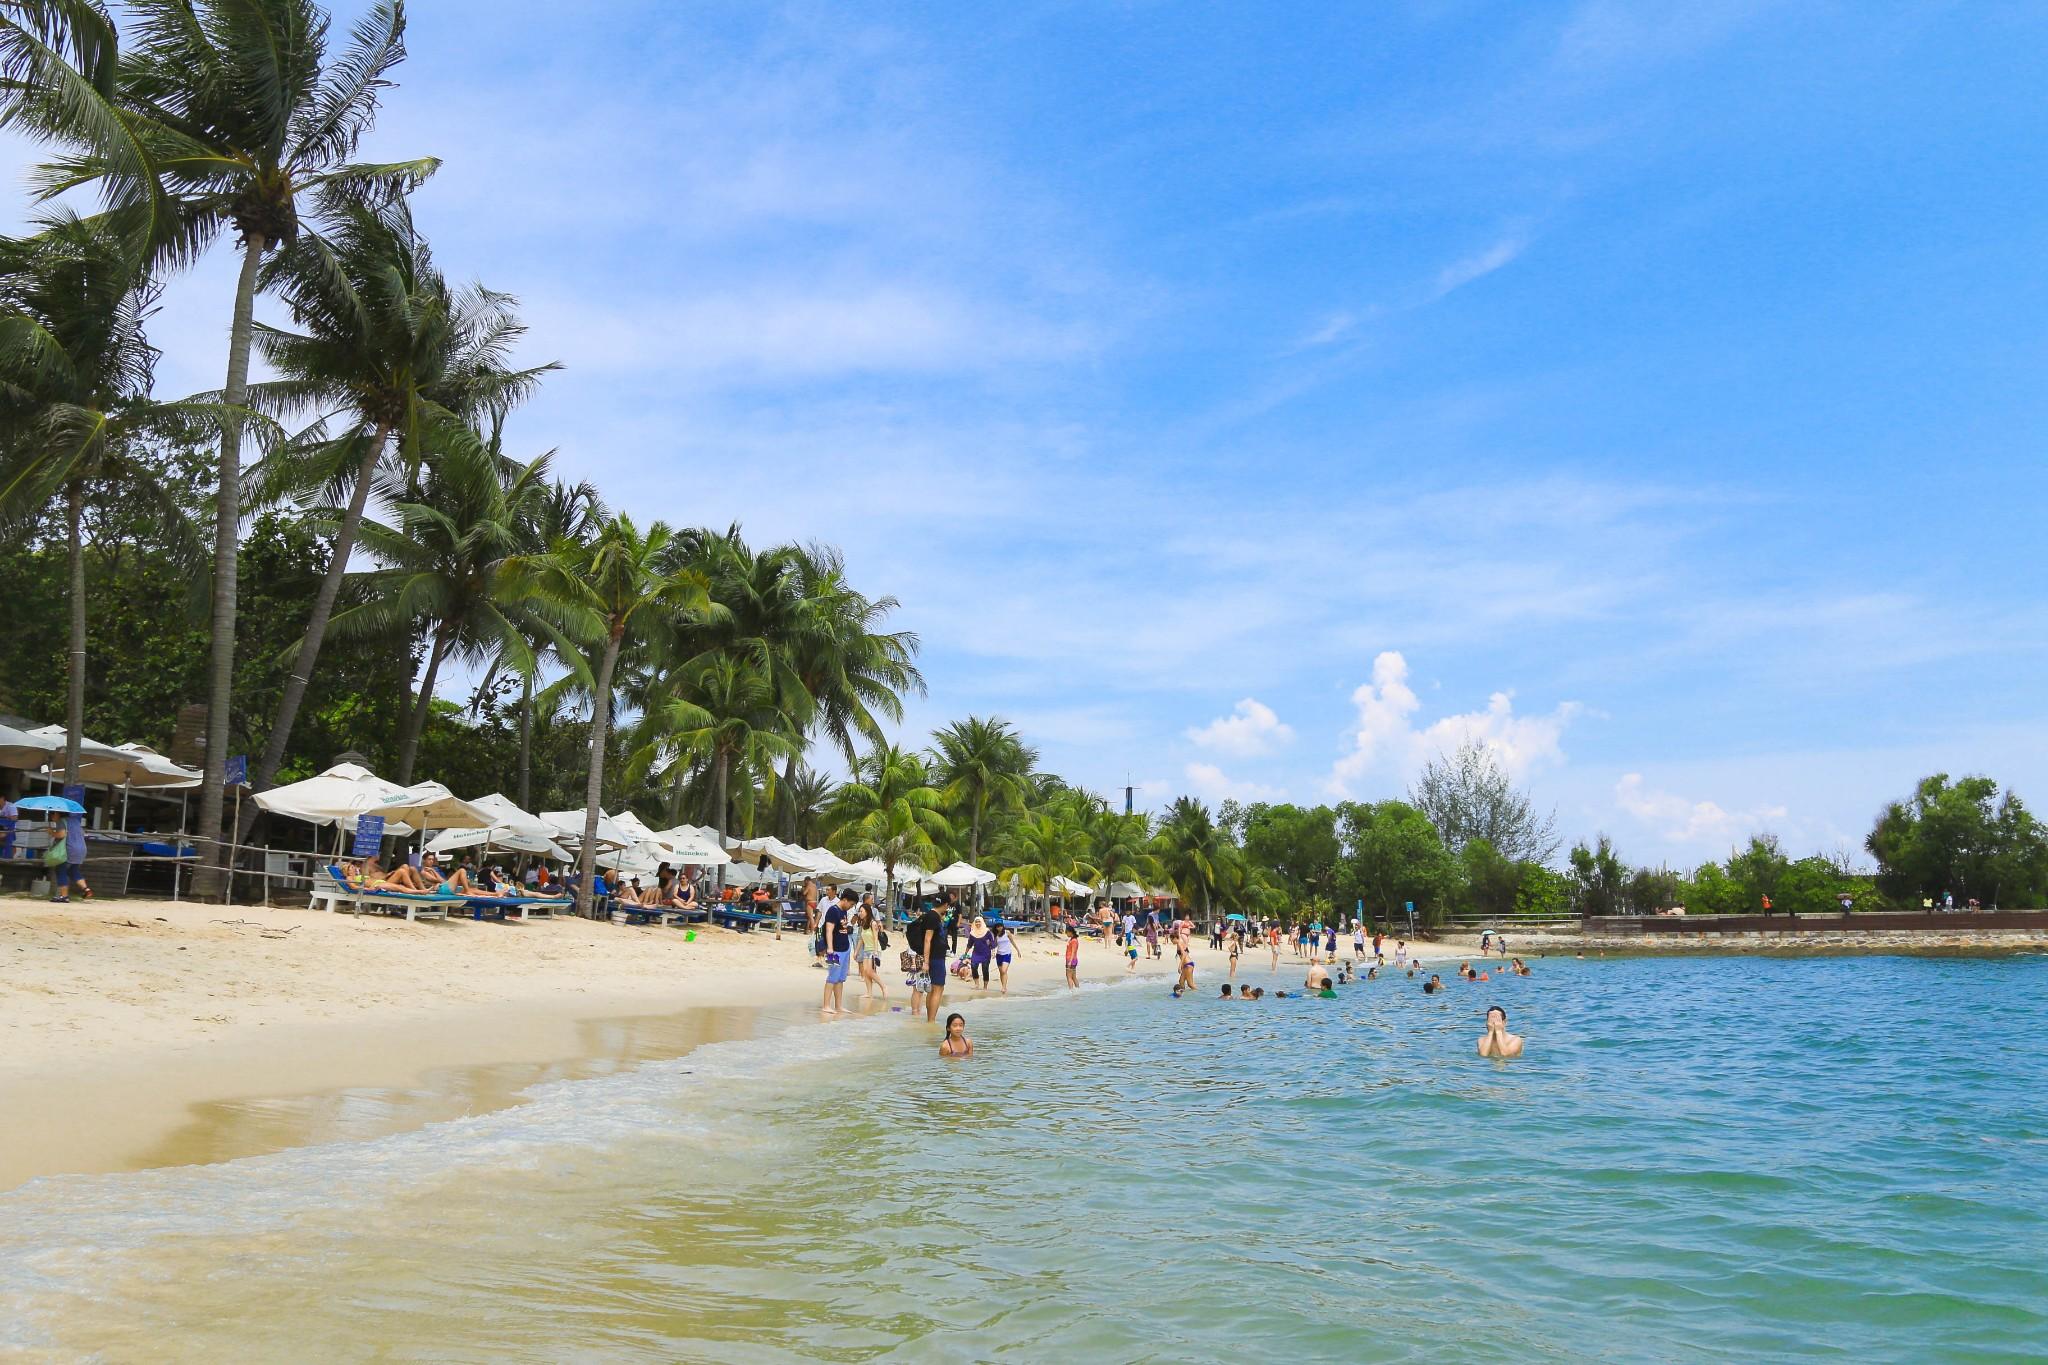 几月去新加坡旅游最好,新加坡最佳旅游时间